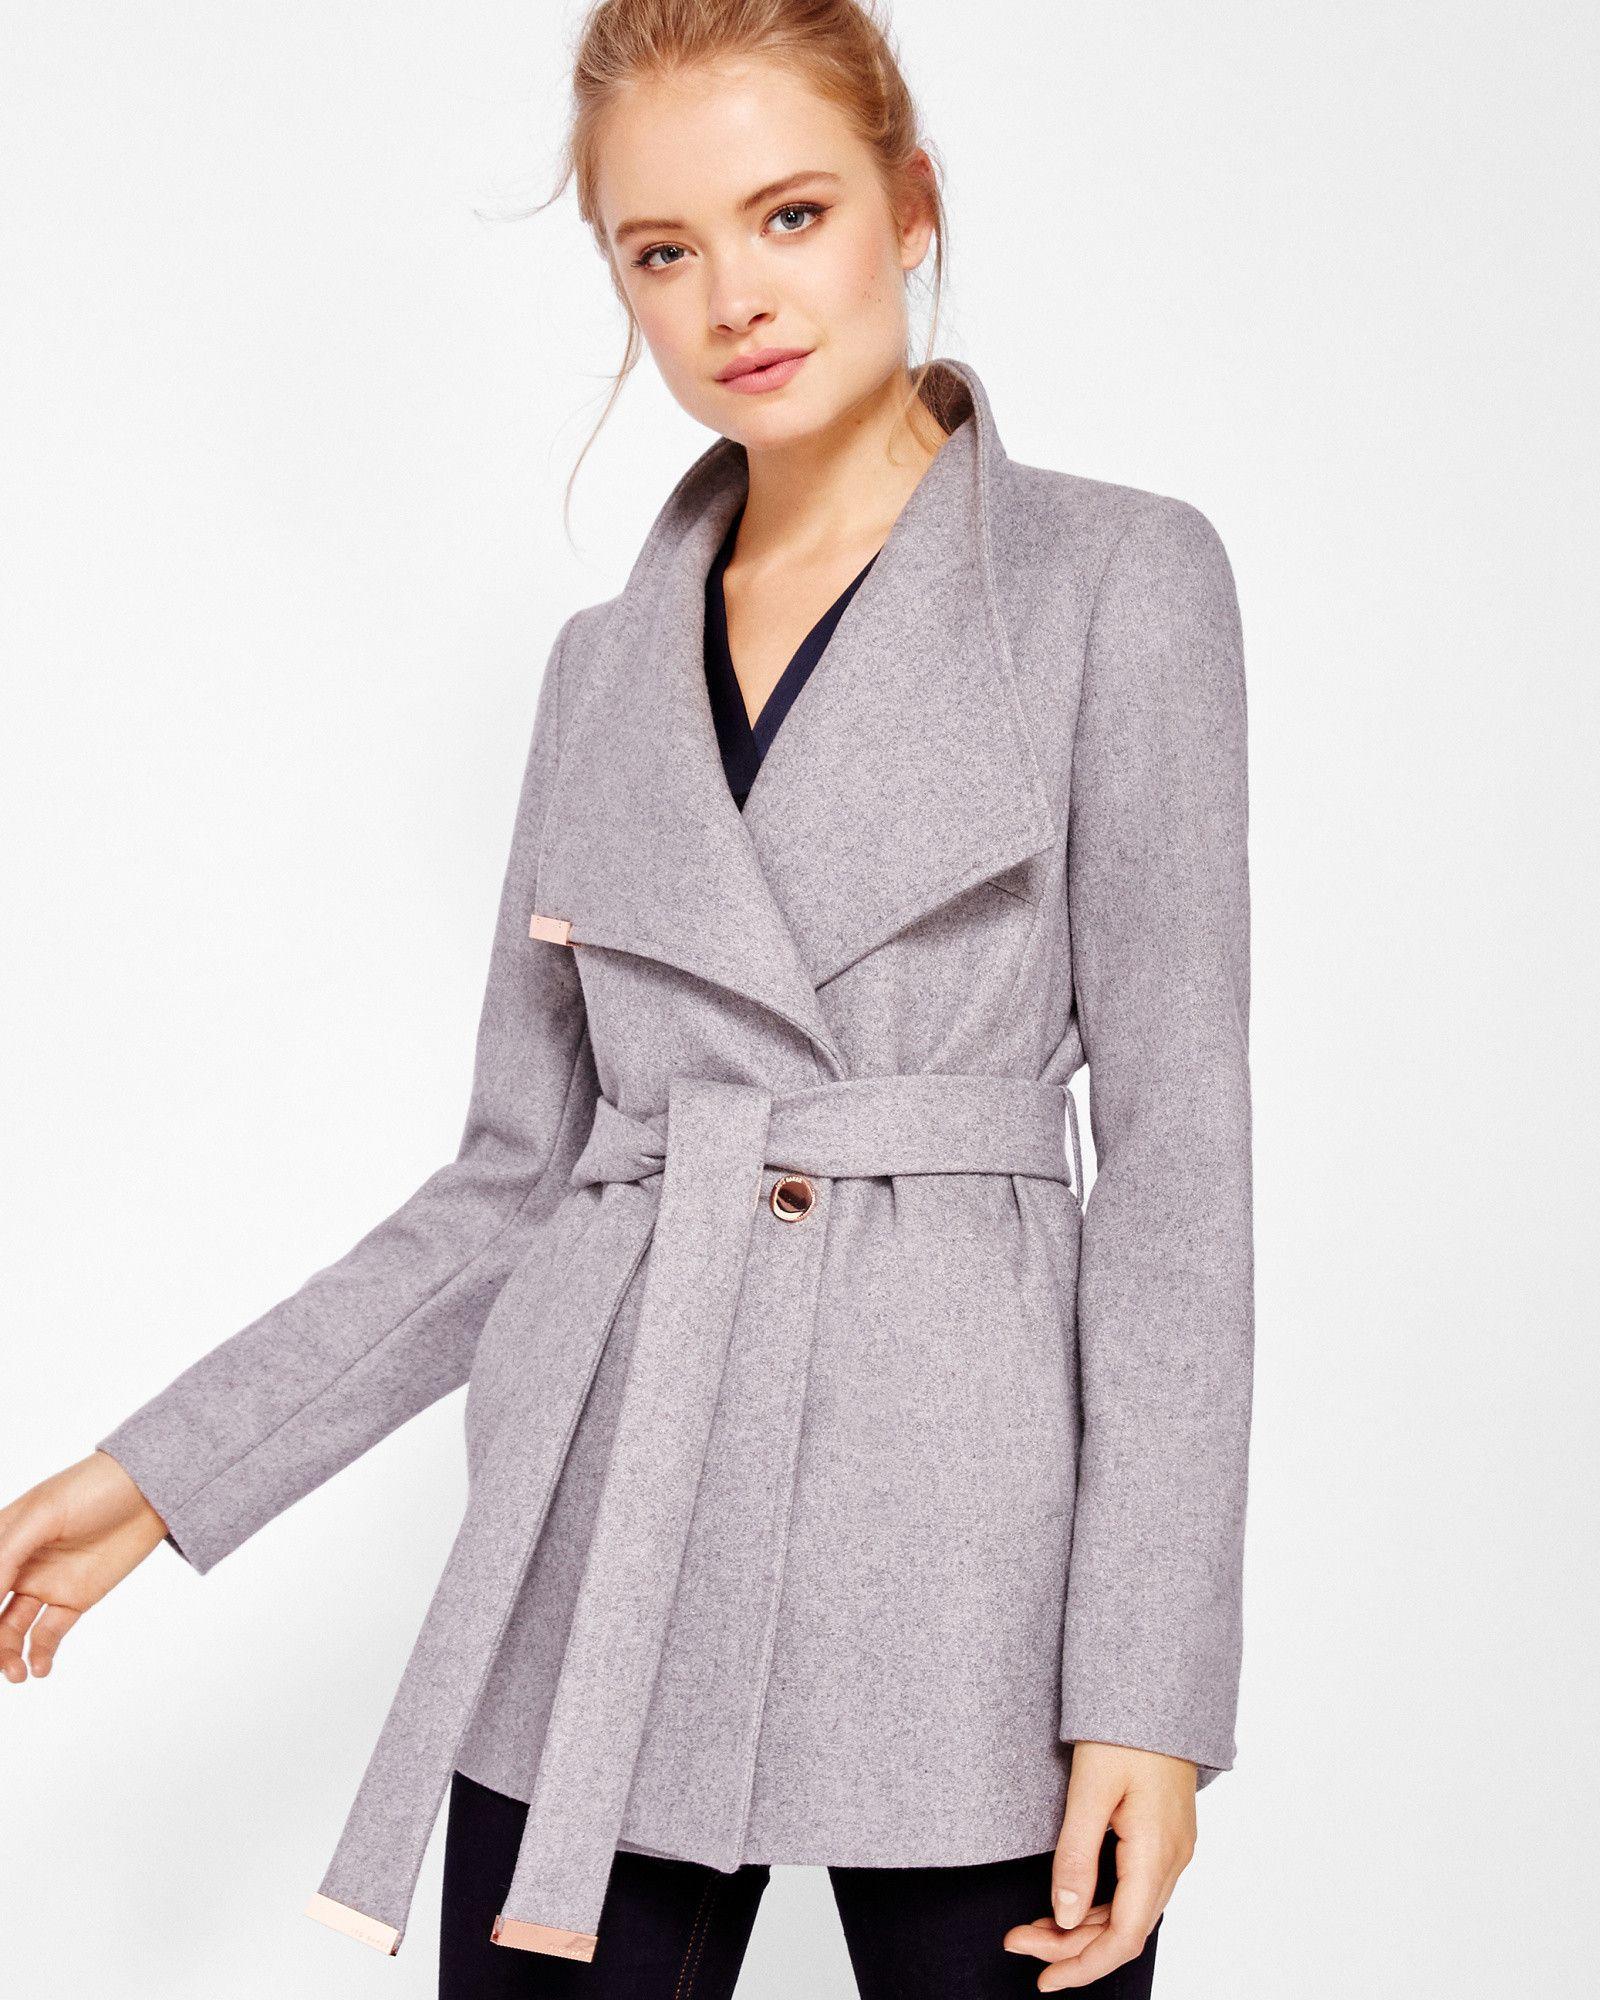 33521d0d4 Short wrap cashmere-blend coat - Light Gray